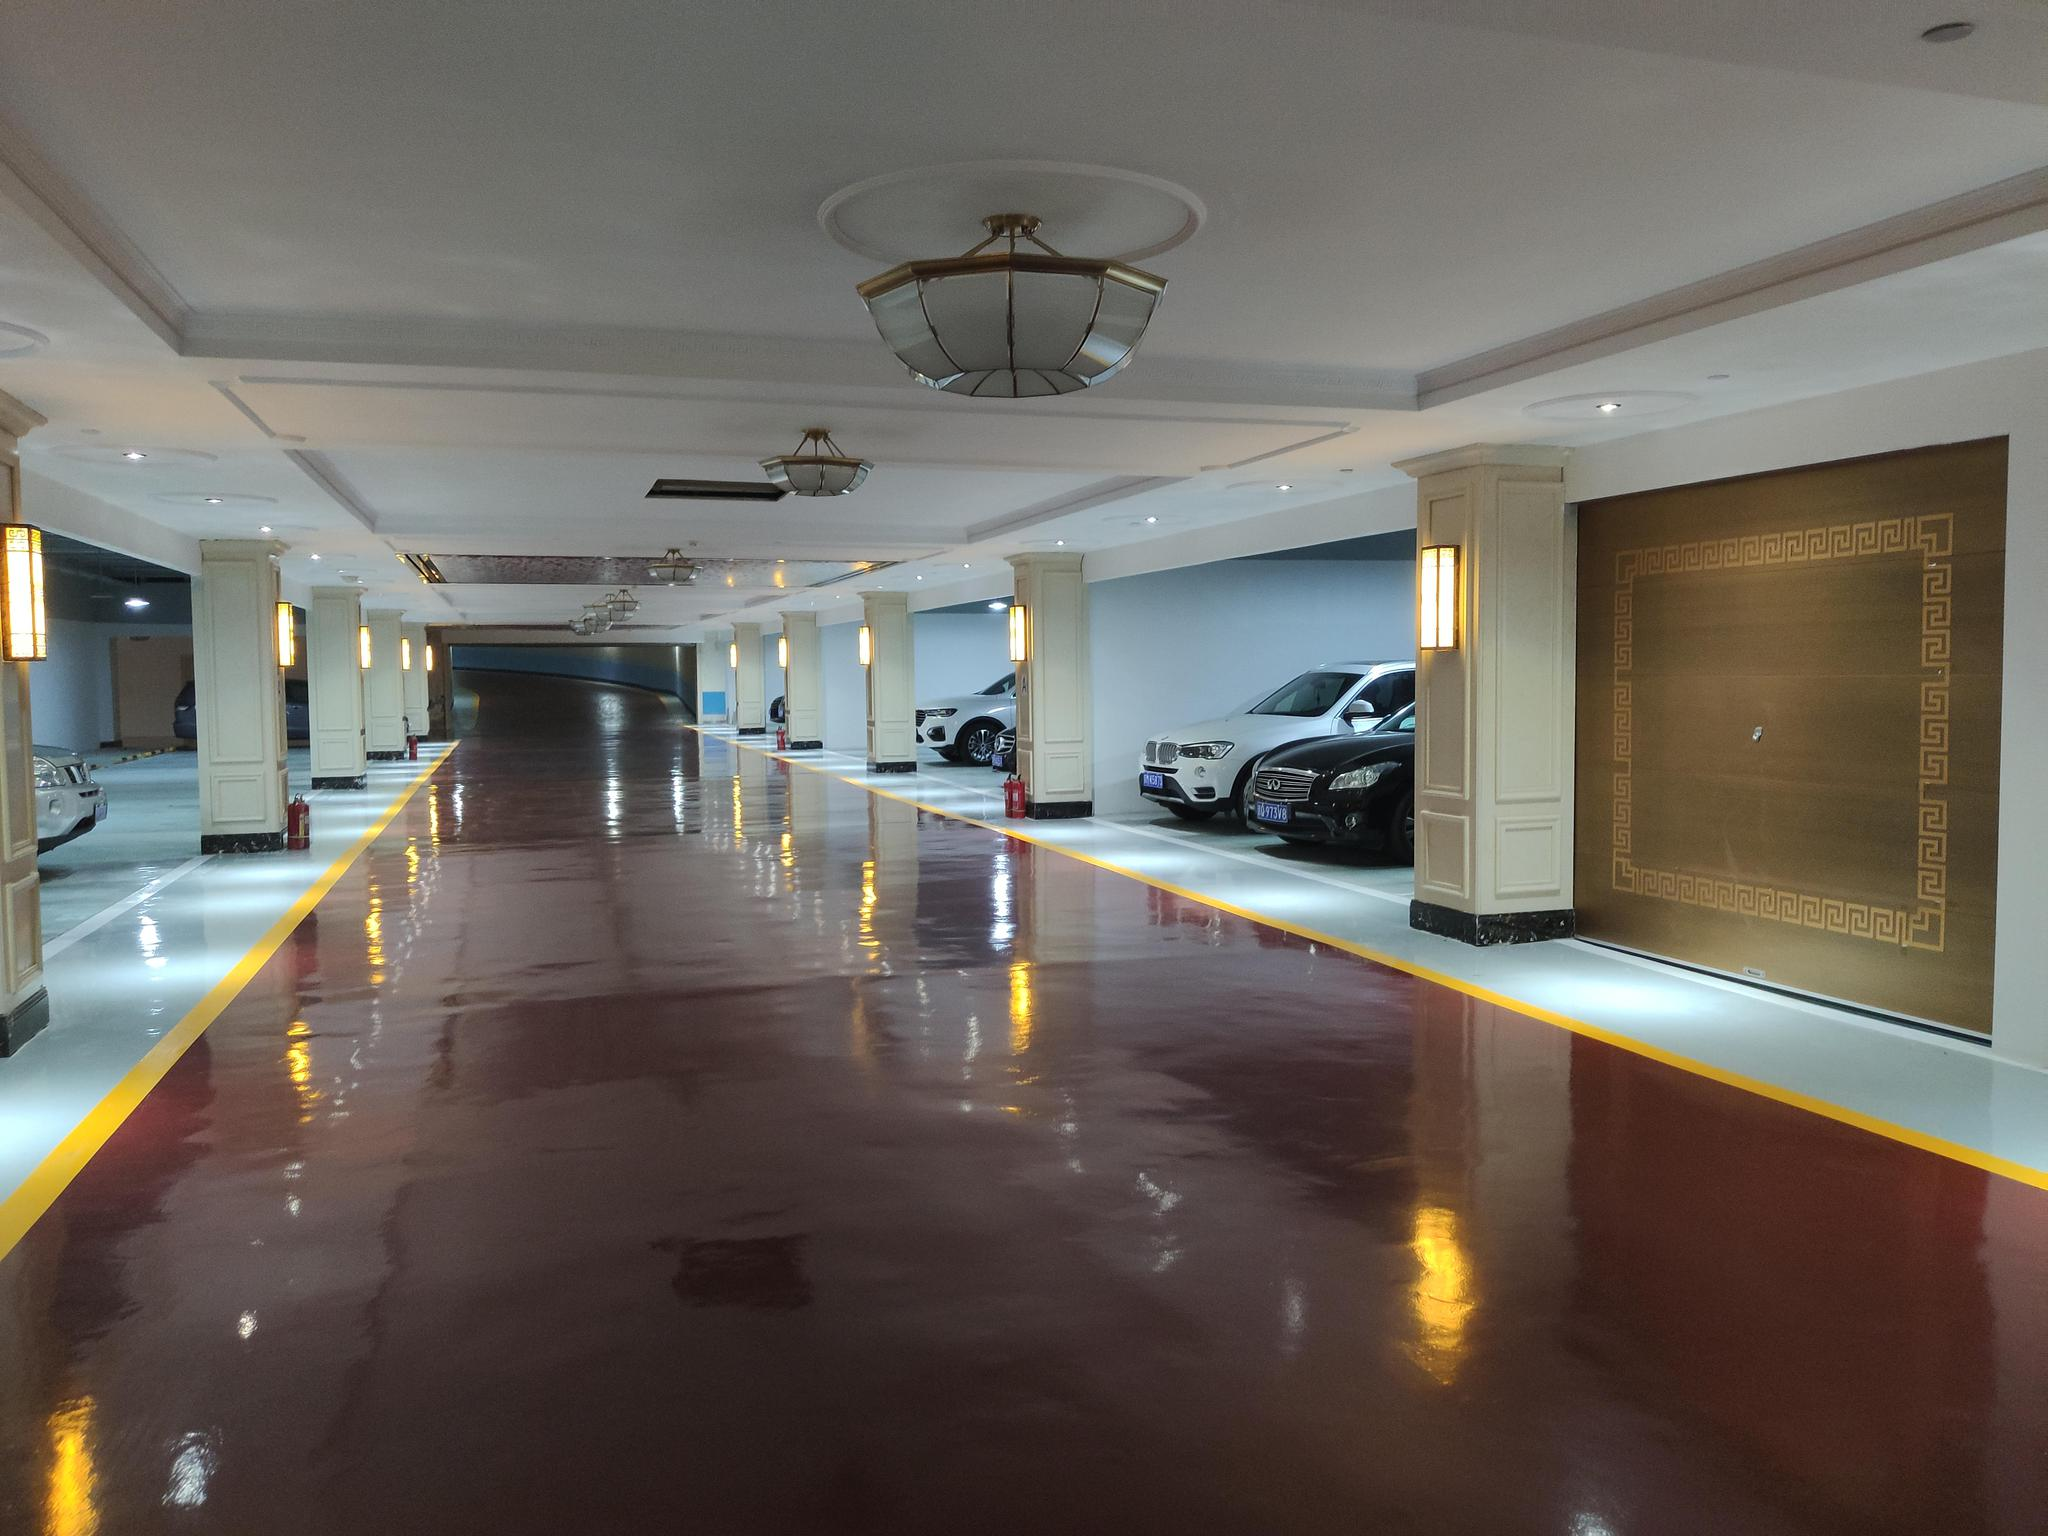 装修豪华的信和嘉园小区地下二层停车场。摄影/新京报见习记者周博华